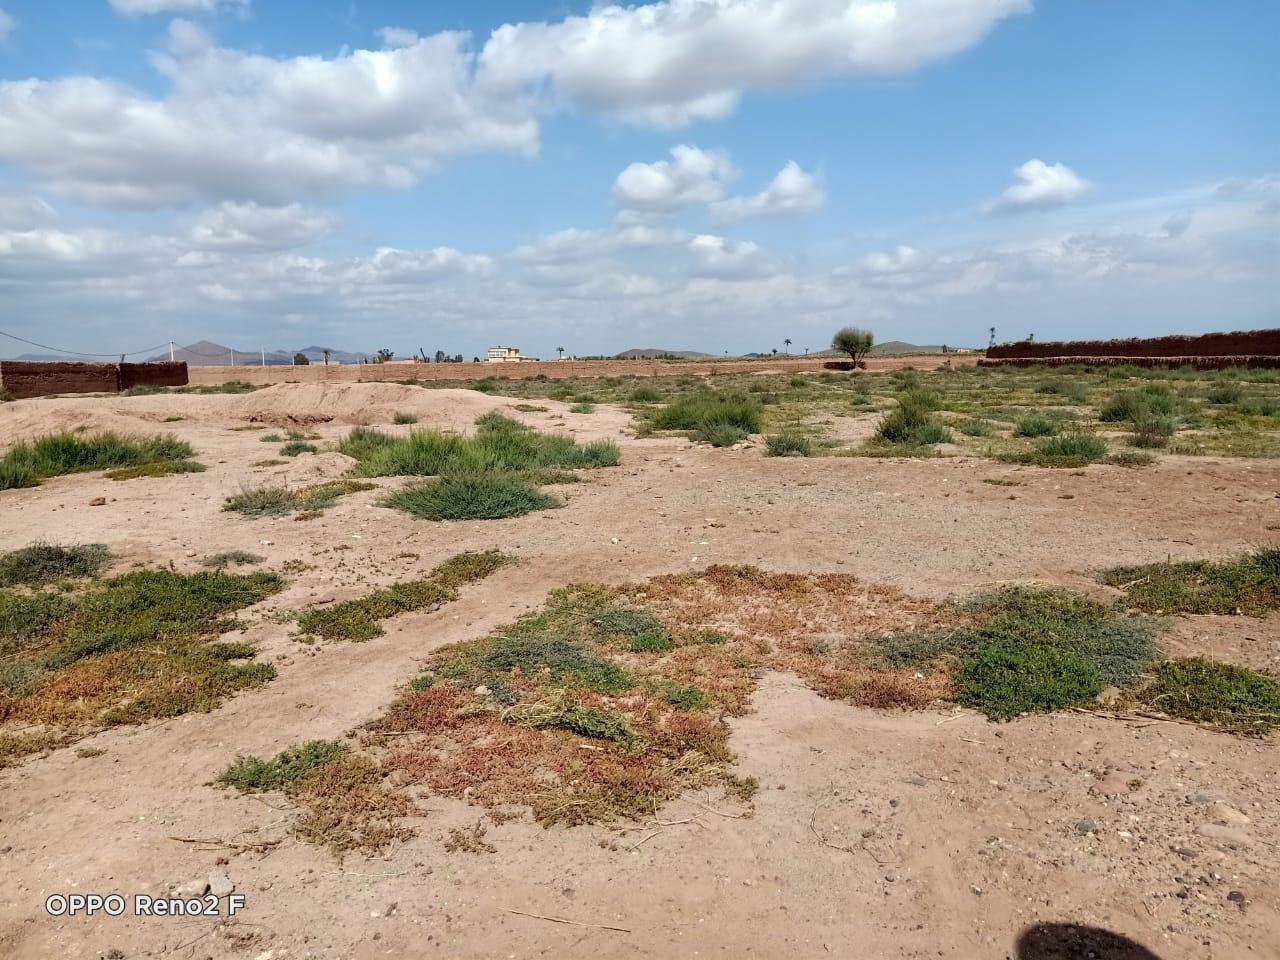 terrain de 30Ha agricole en location à la route de fes